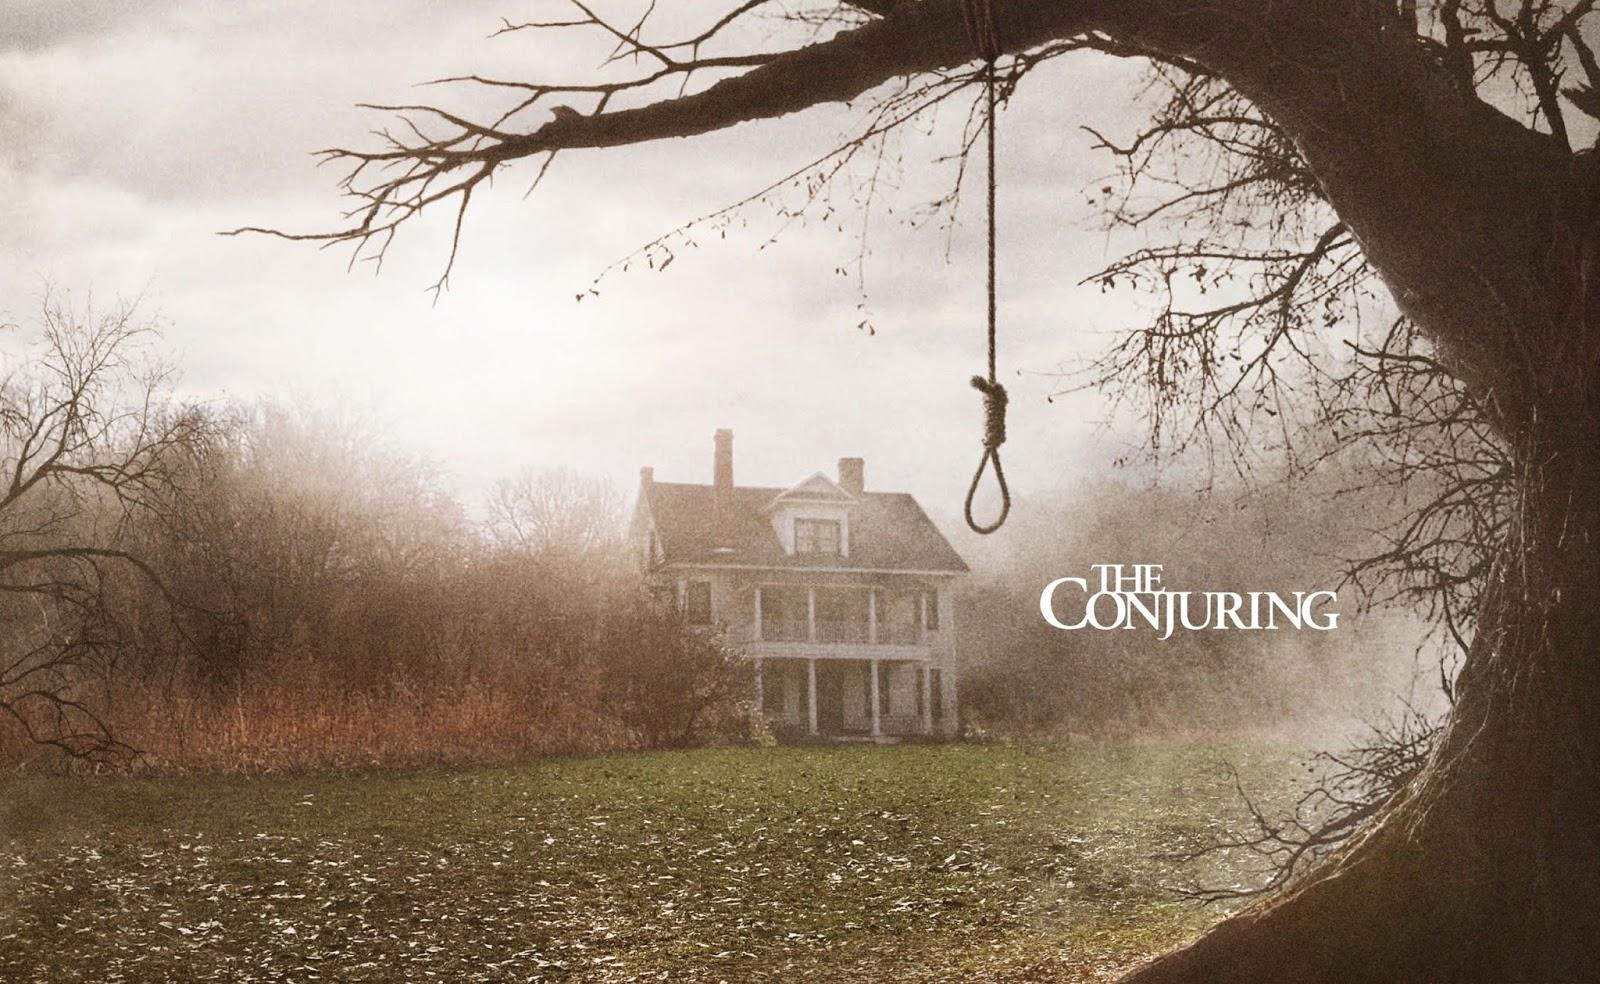 The Conjuring - Películas de Terror que se han hecho real